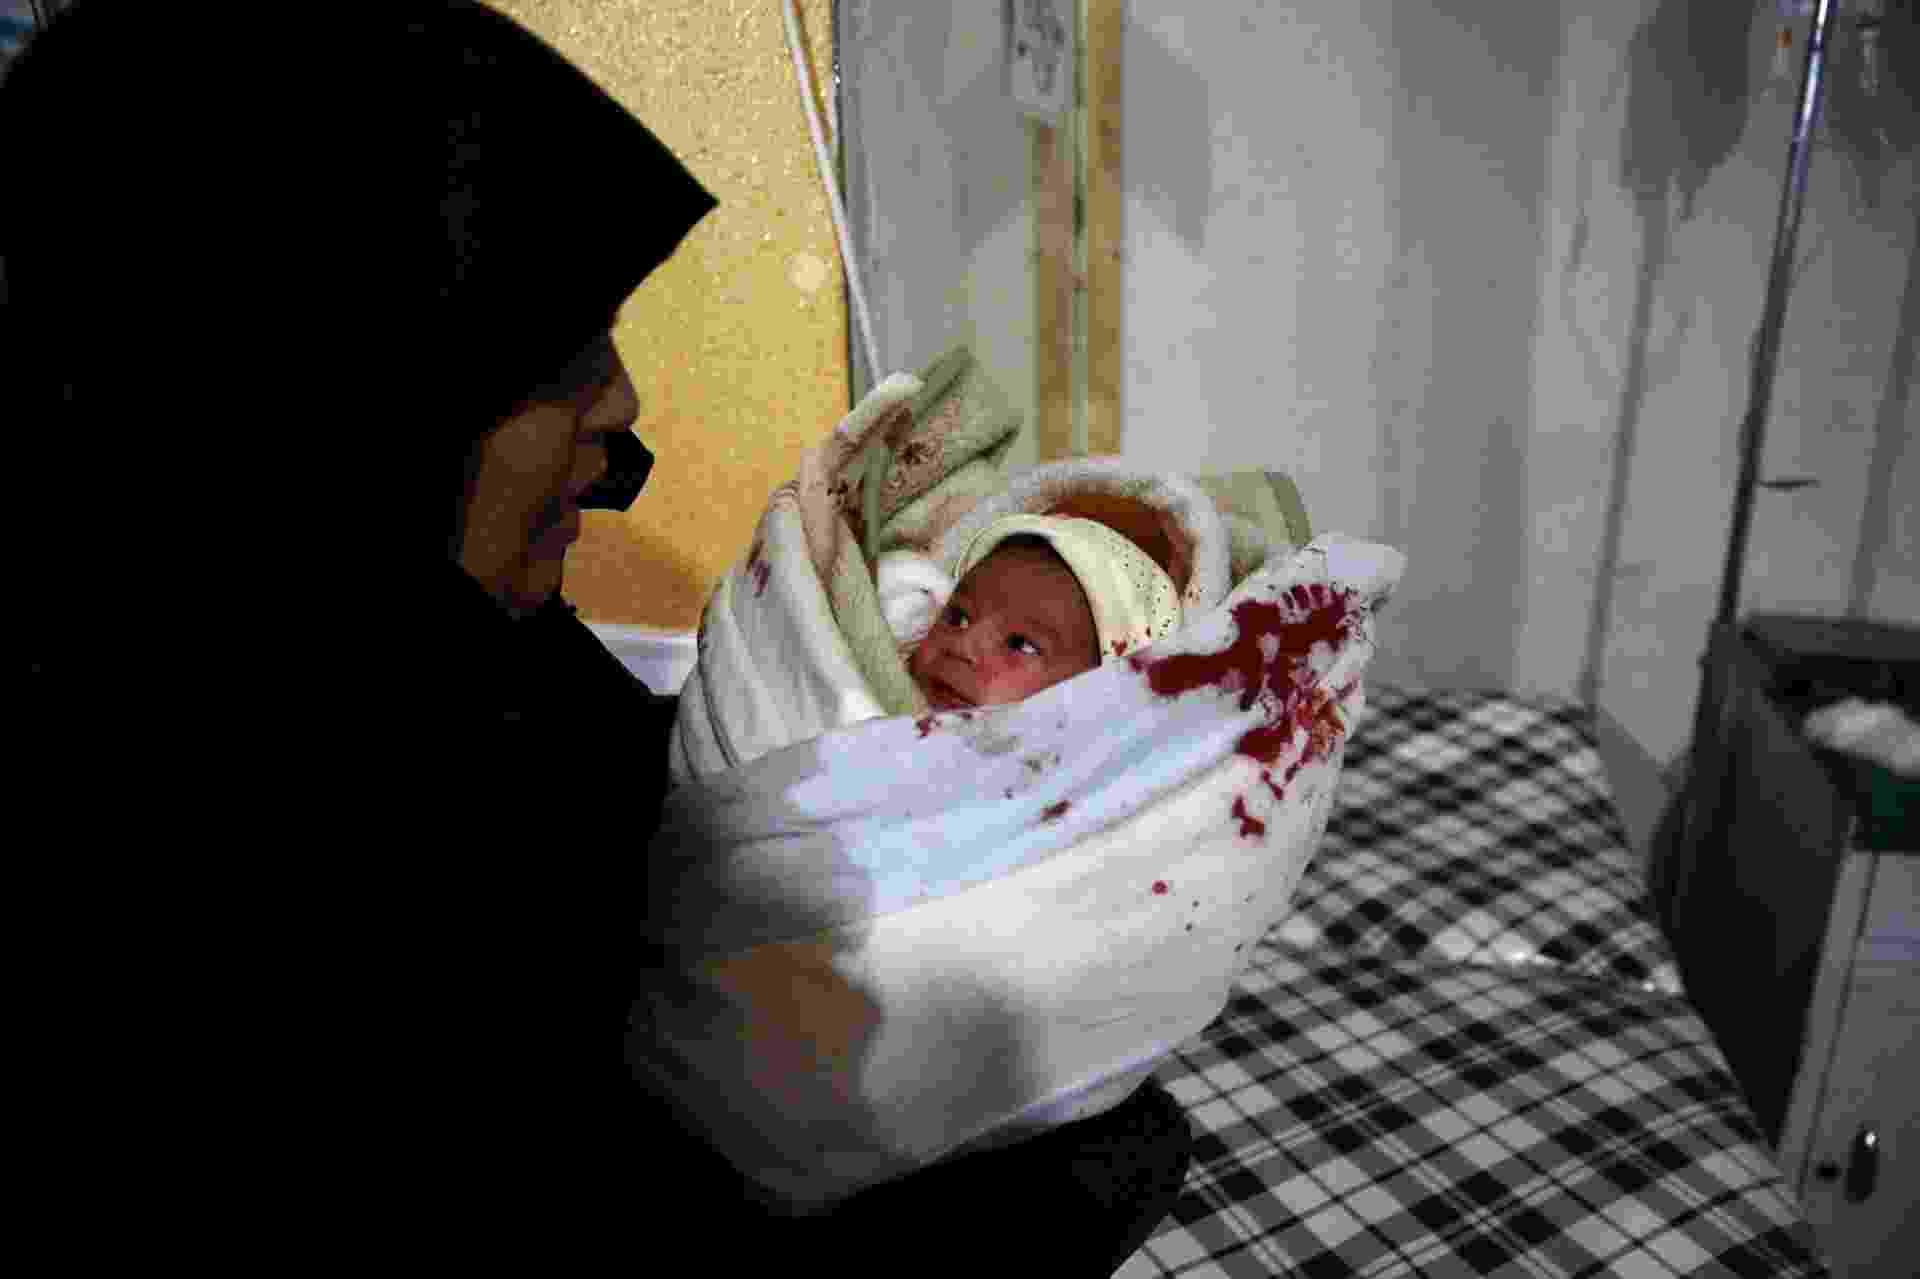 Segundo ativistas, o bombardeiro mais recente contra instalações hospitalares foi realizado pelas forças de Assad no último dia 13 de dezembro. Muitos pacientes ficaram feridos na ação. Na foto, uma das mulheres que trabalham no local socorre um dos bebês que estava no bercário - Bassam Khabieh/Reuters